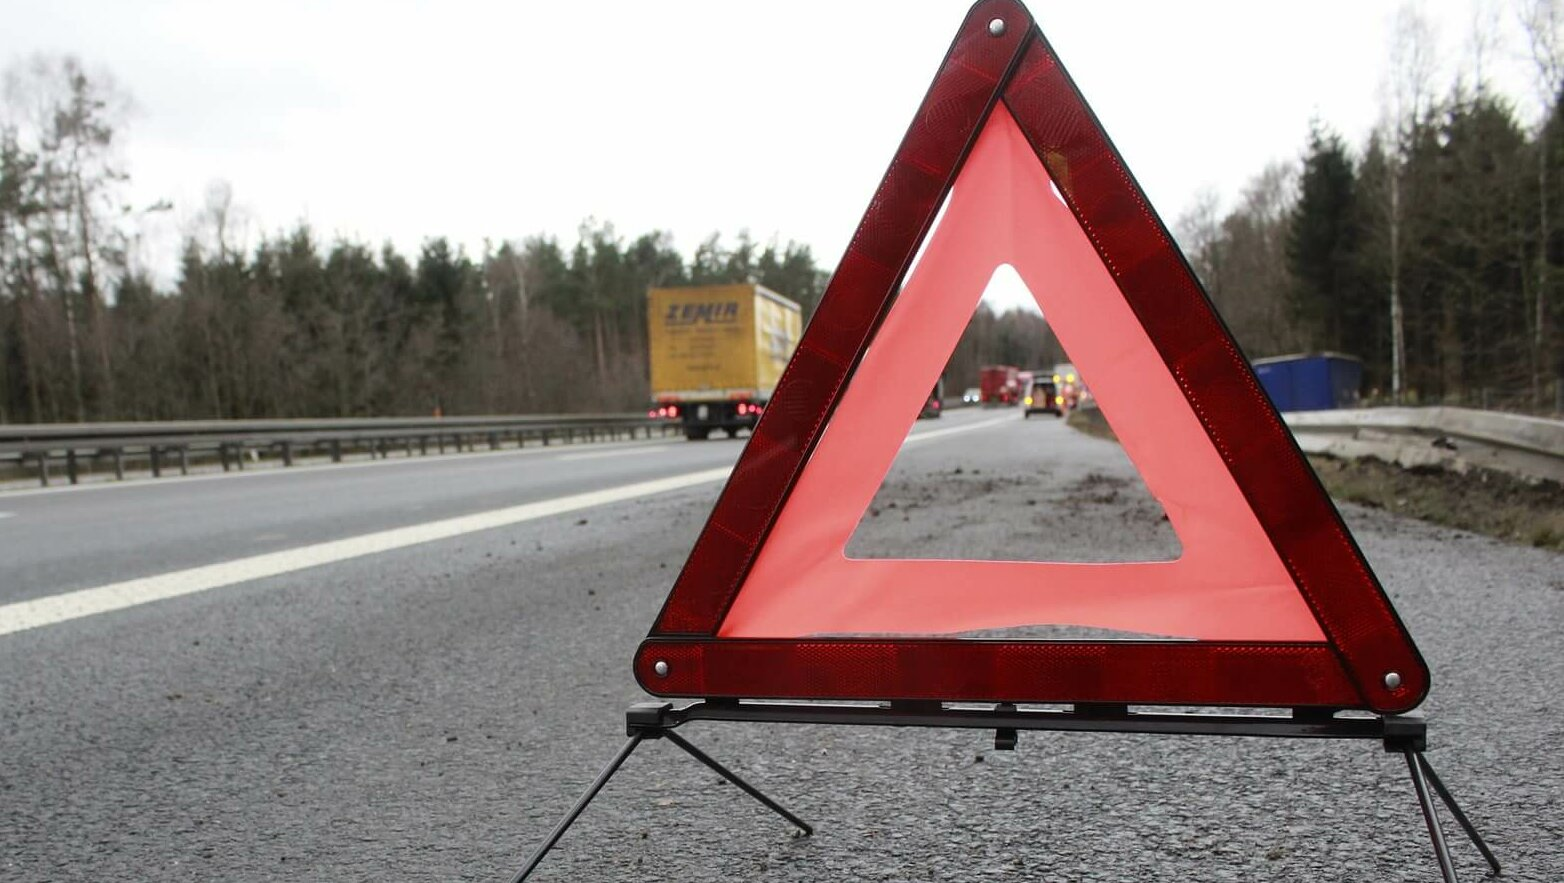 Tragiczny wypadek na Mazowszu. Nie żyje pięć osób, droga zablokowana